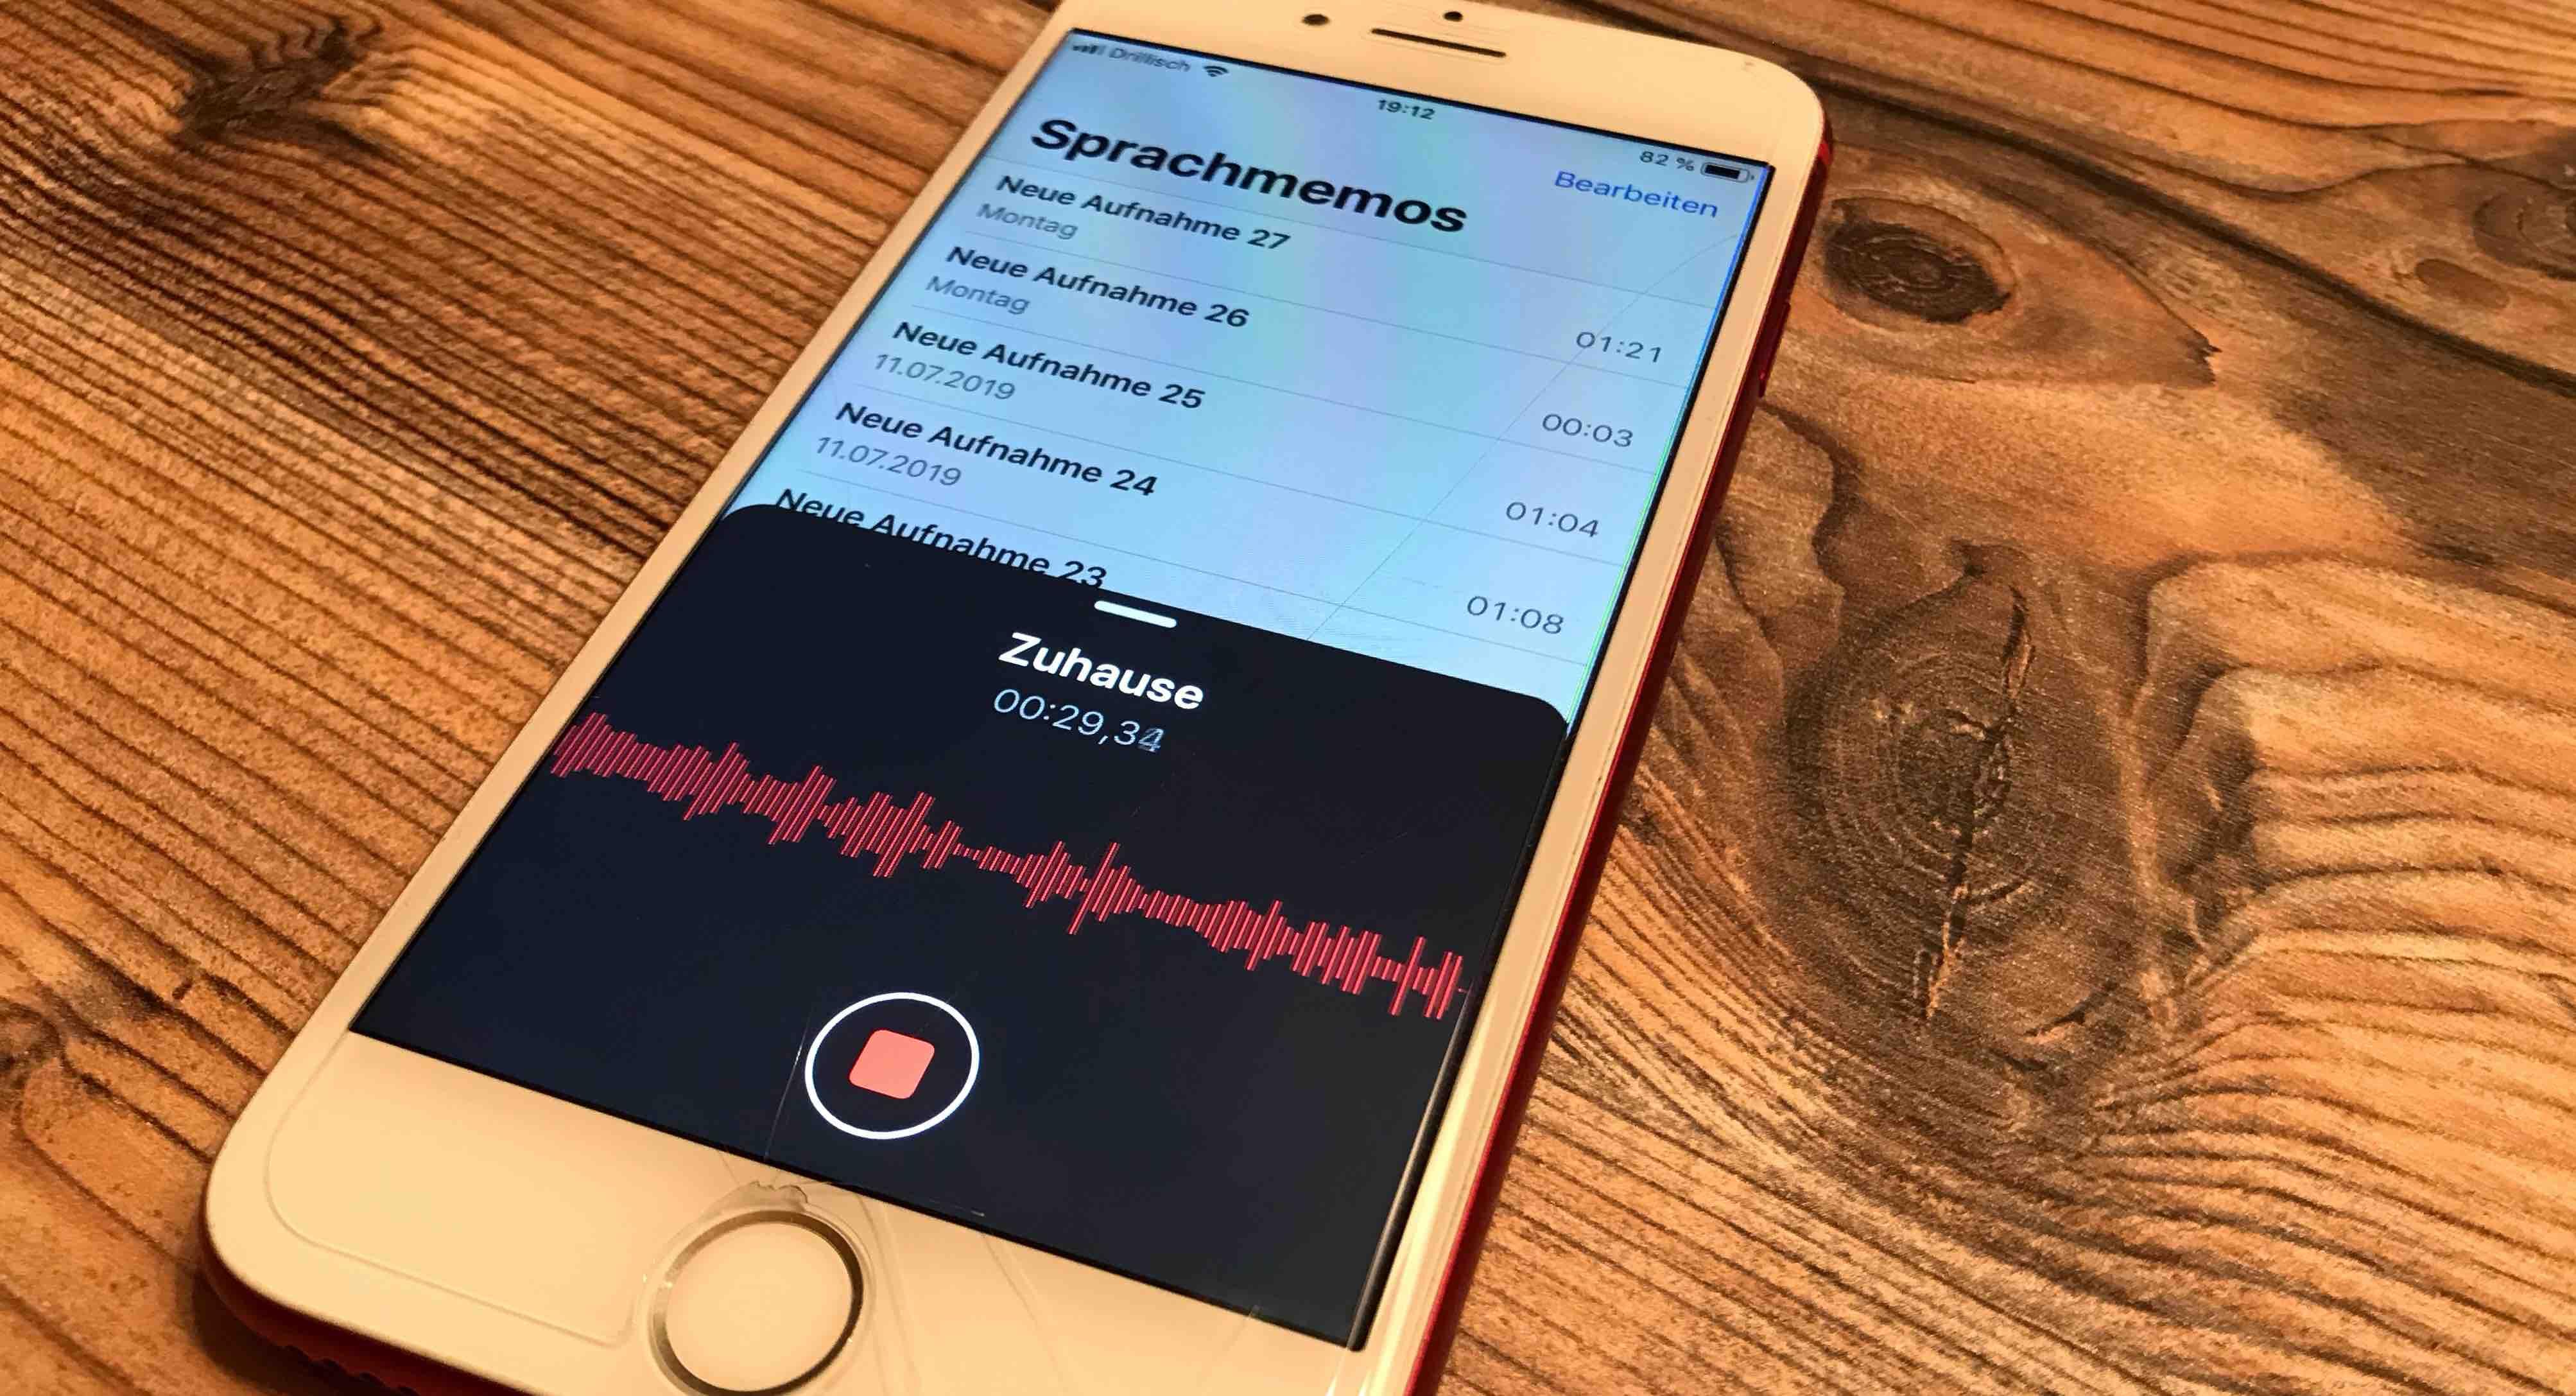 Sprachmemo-App